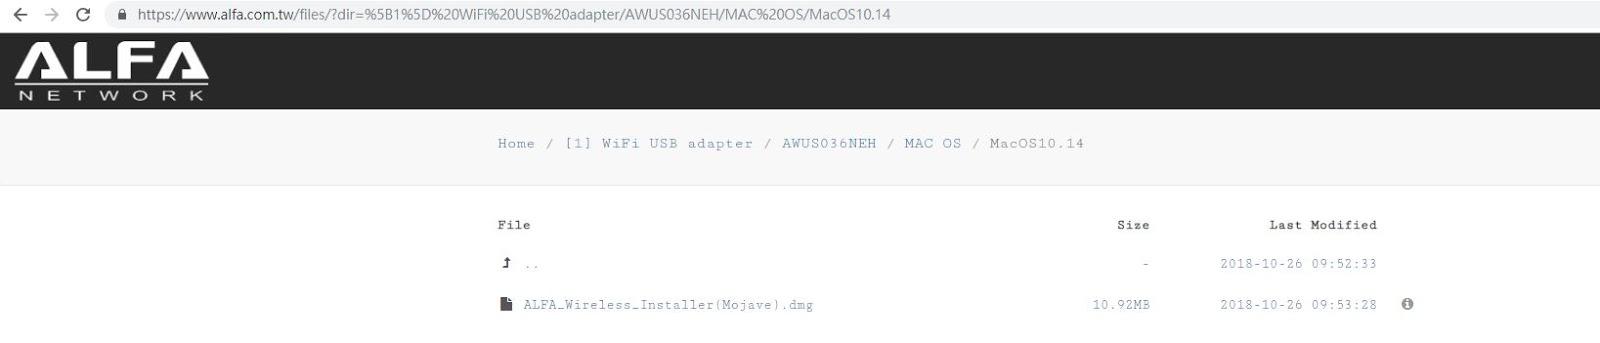 OpenWRT for N2 & N5 | ALFA NETWORK